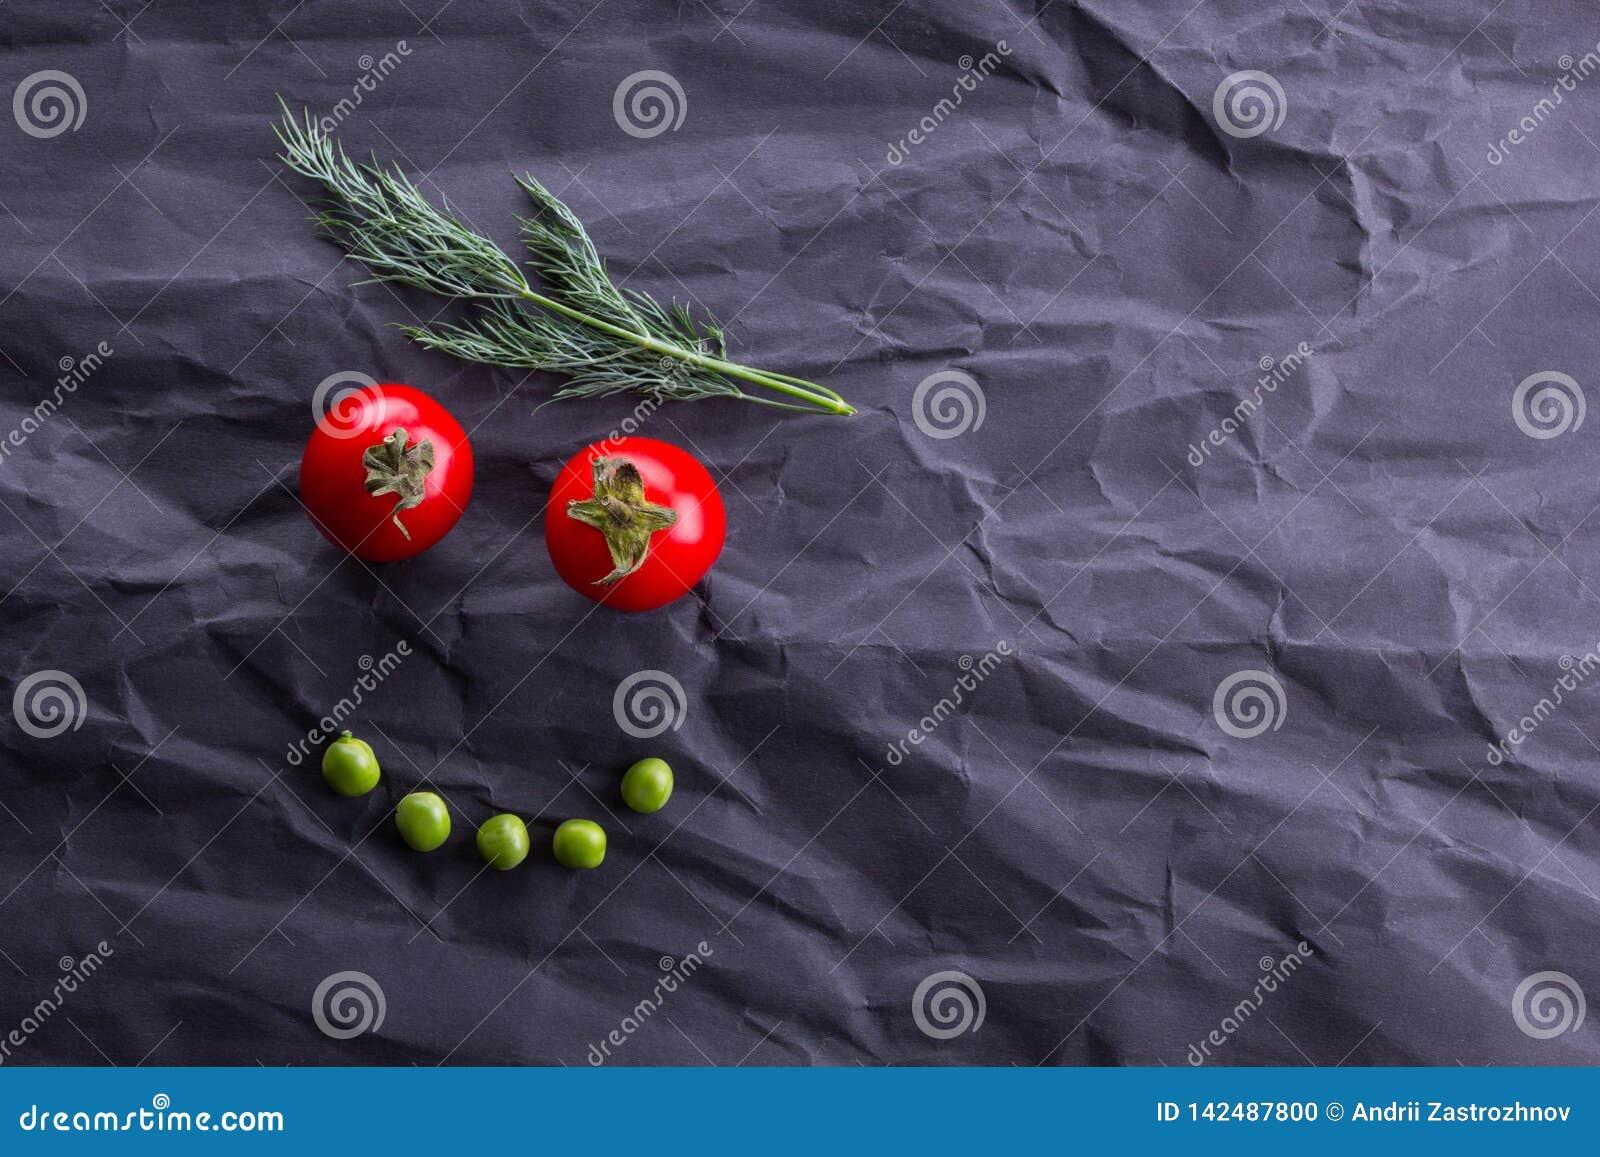 Lächelndes Gesicht vom Gemüse auf schwarzem Papierhintergrund